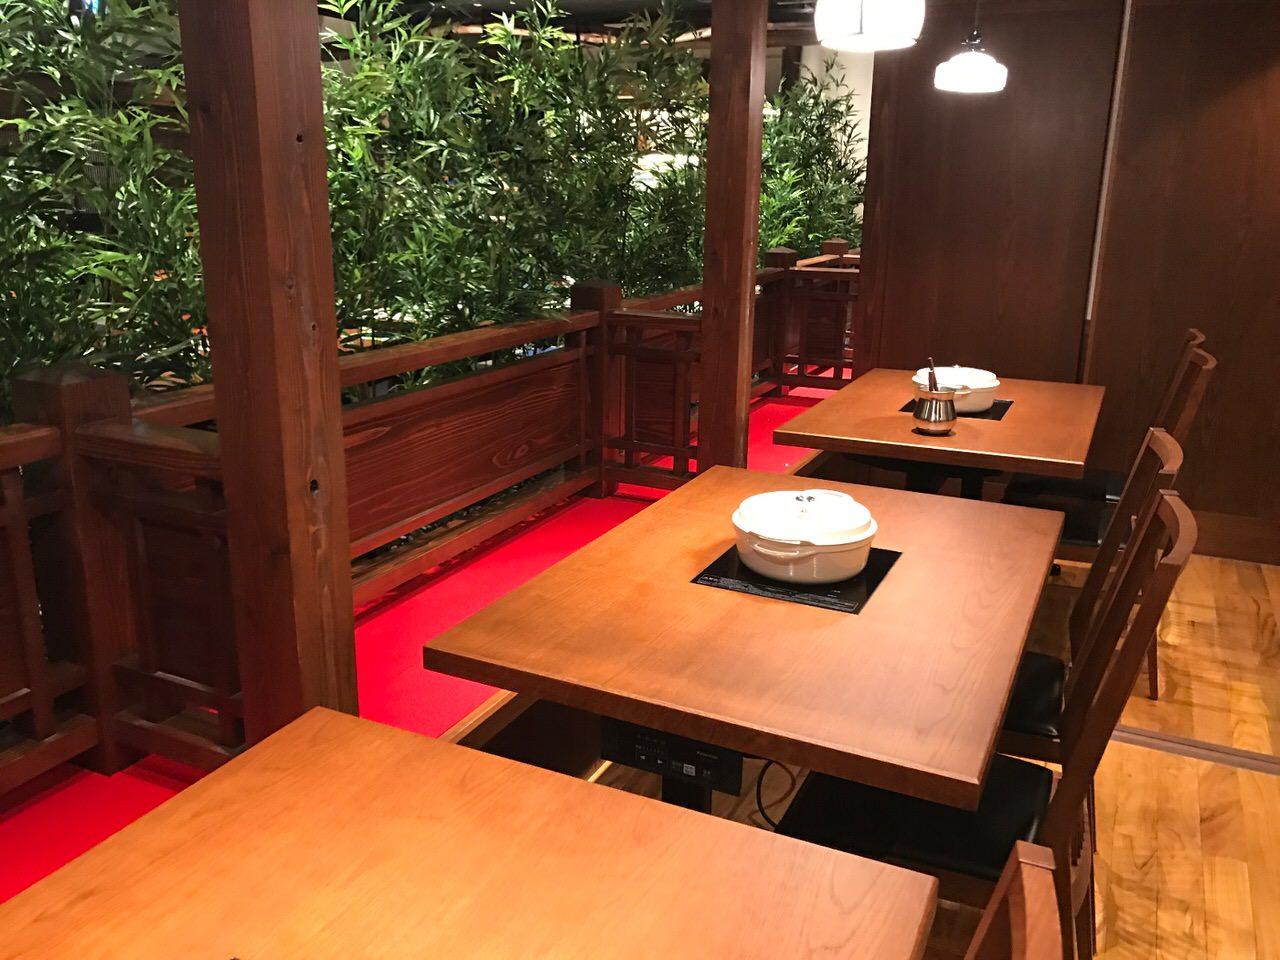 Butagumi nagoya 8181